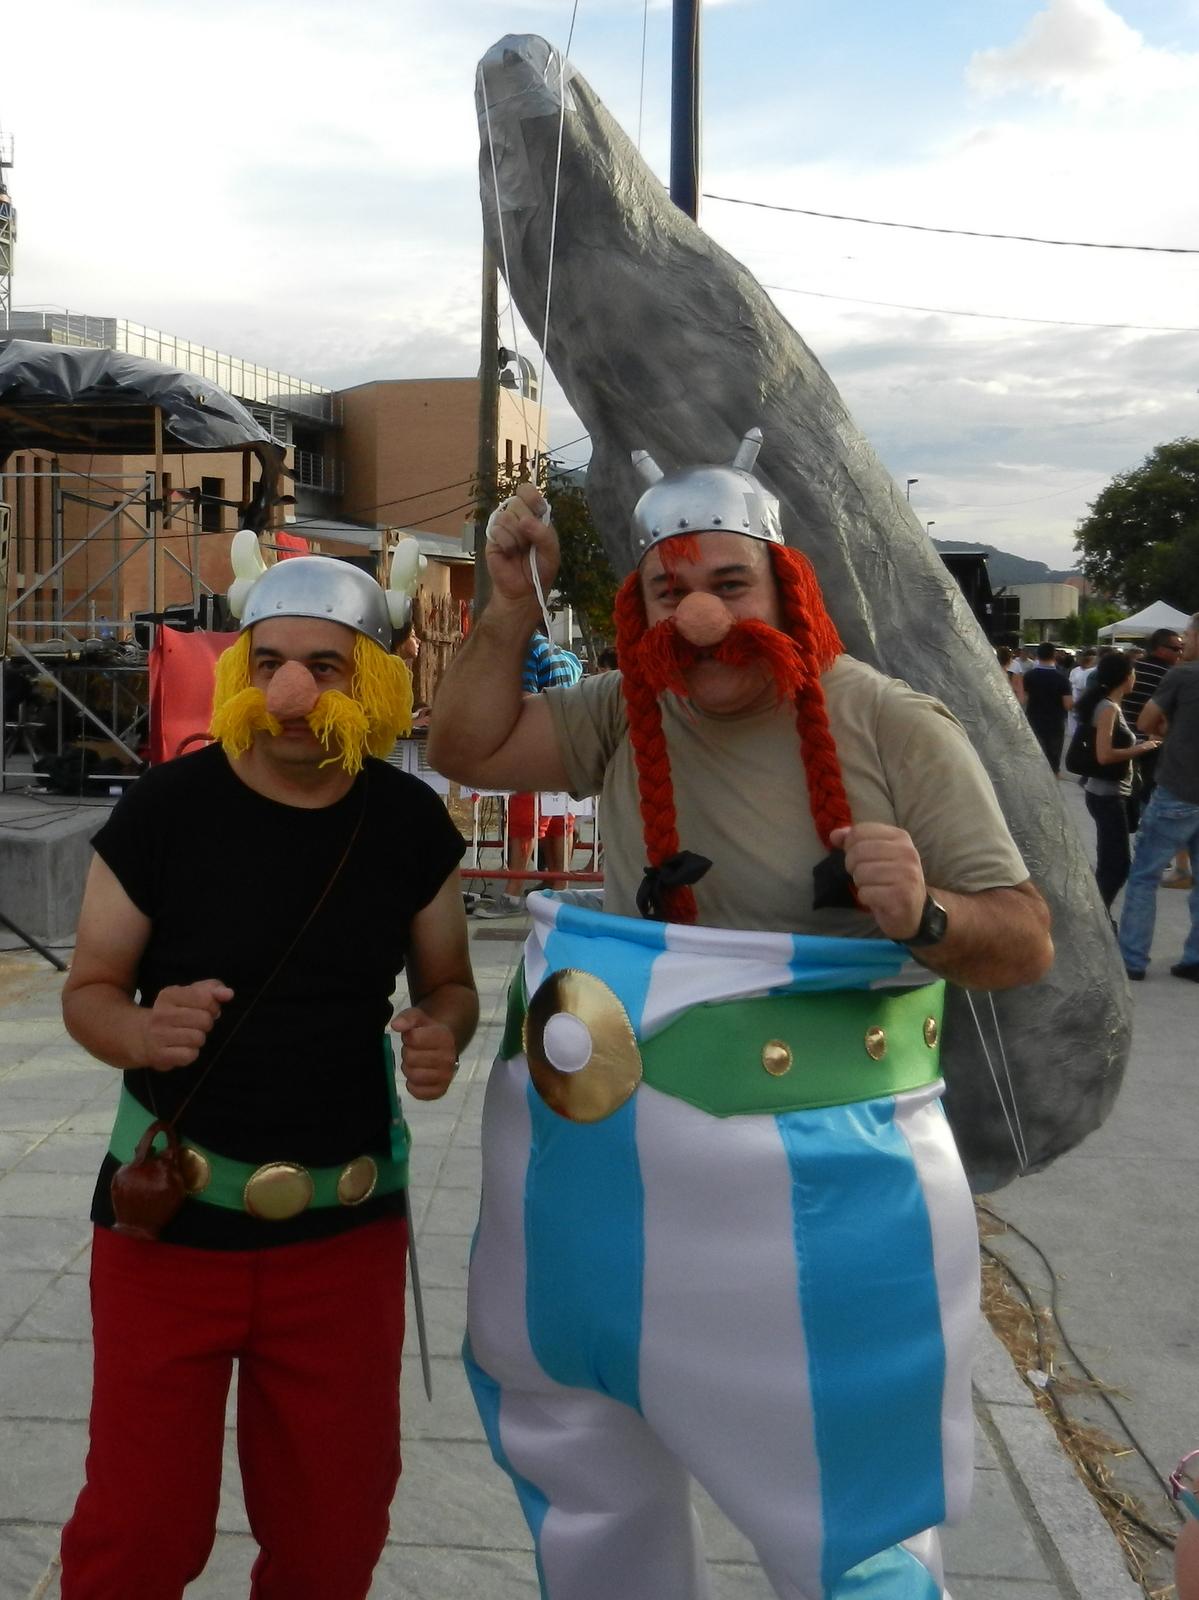 Los galos de la fiesta romana